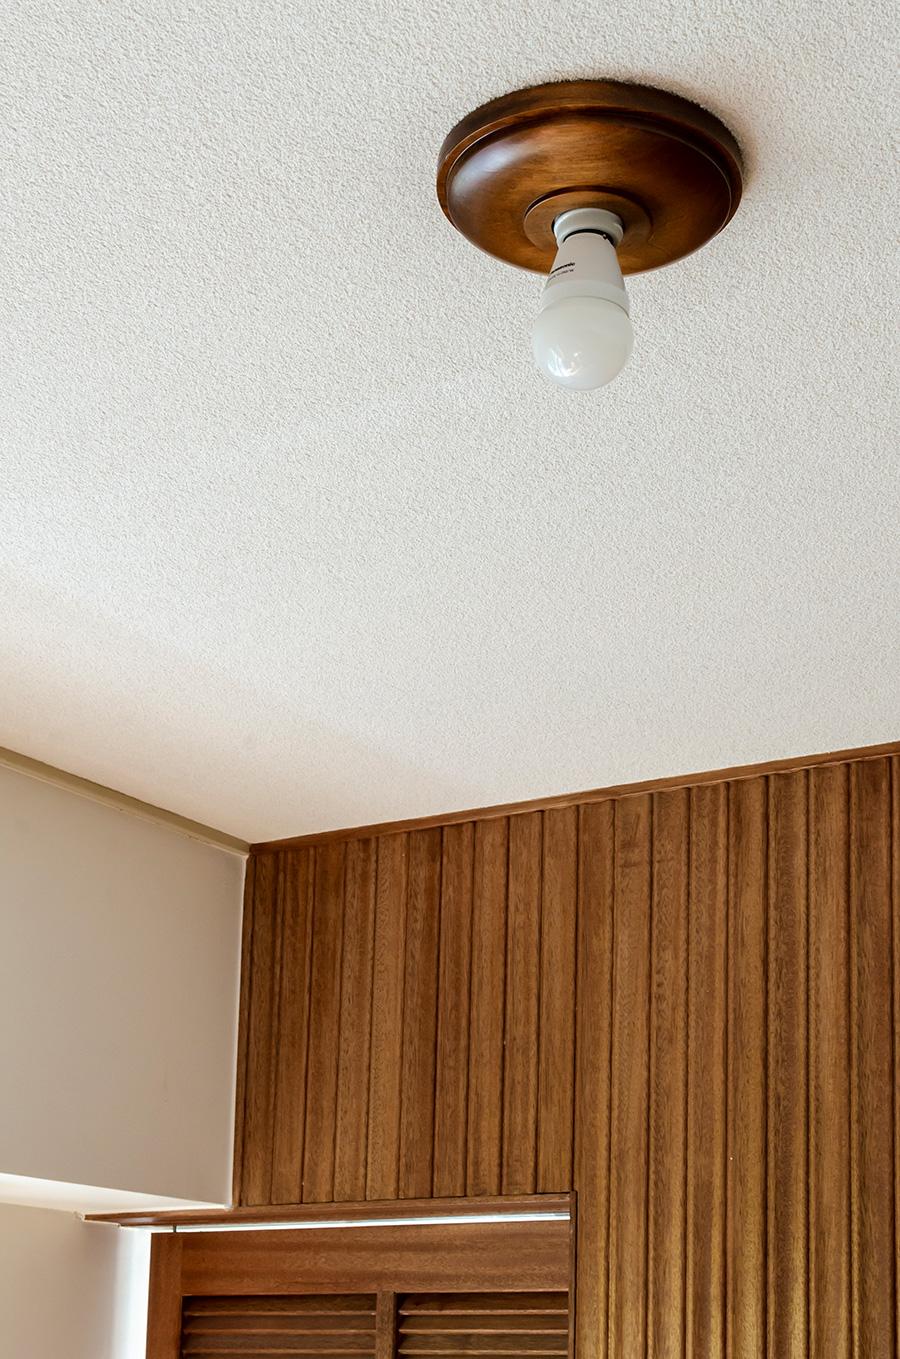 木製ブラケットライトは「PACIFIC FURNITURE SERVICE」。